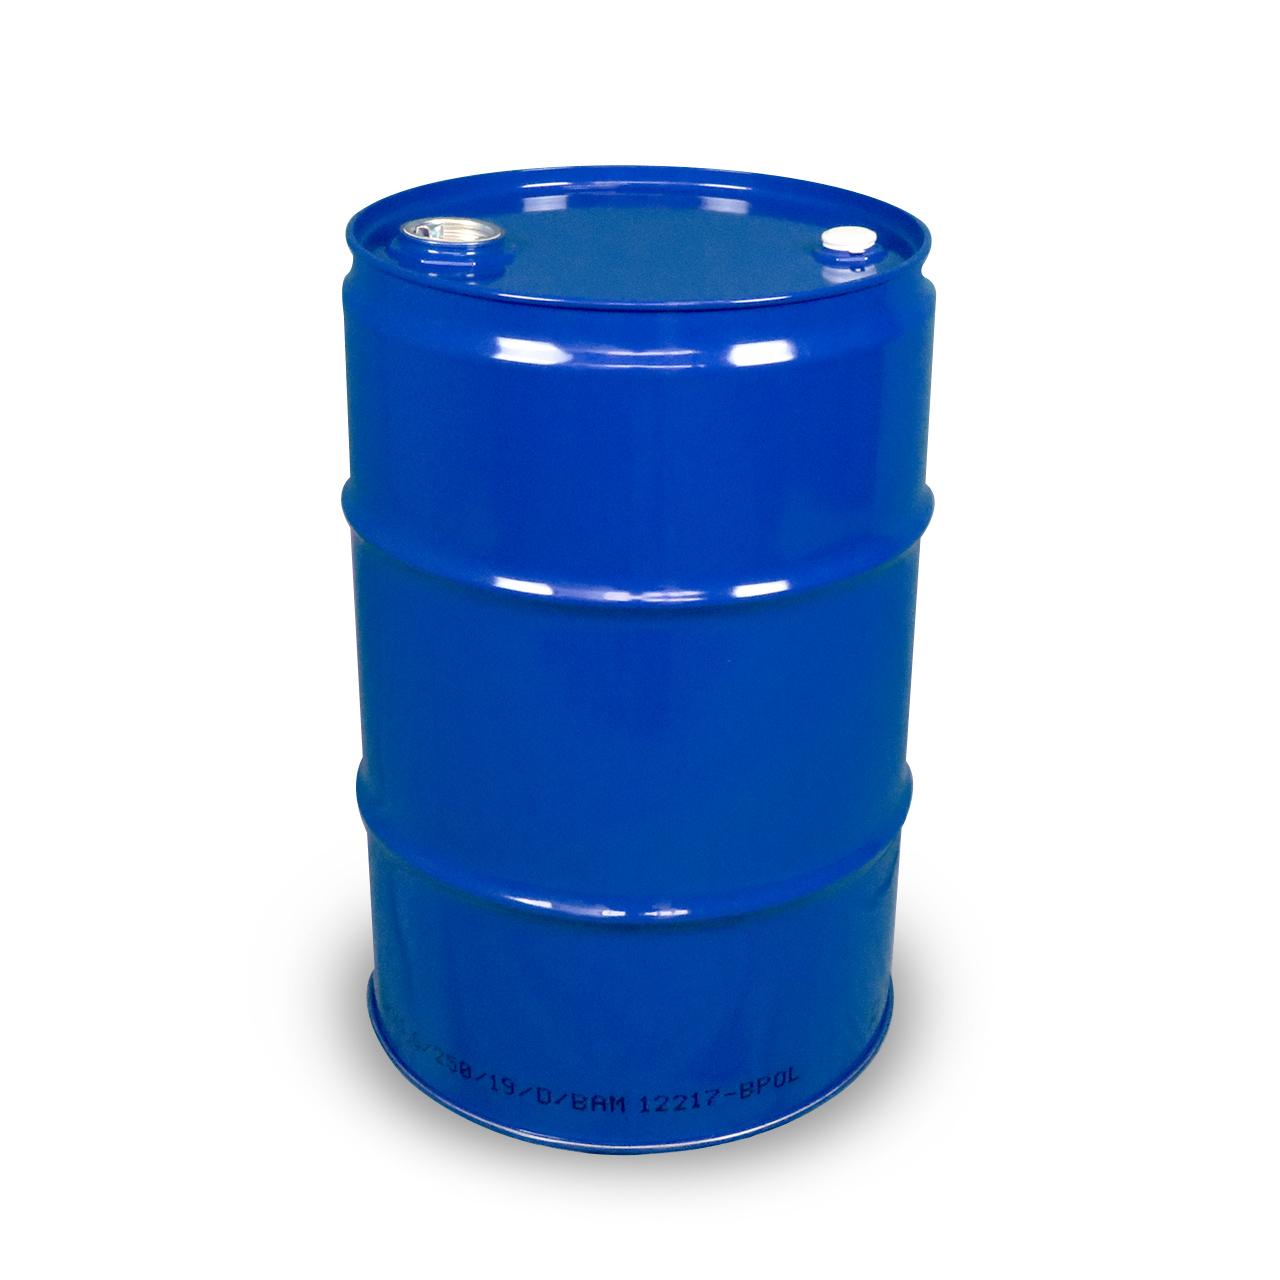 60 L Garagenfass, roh, blau 5010, UN Zulassung